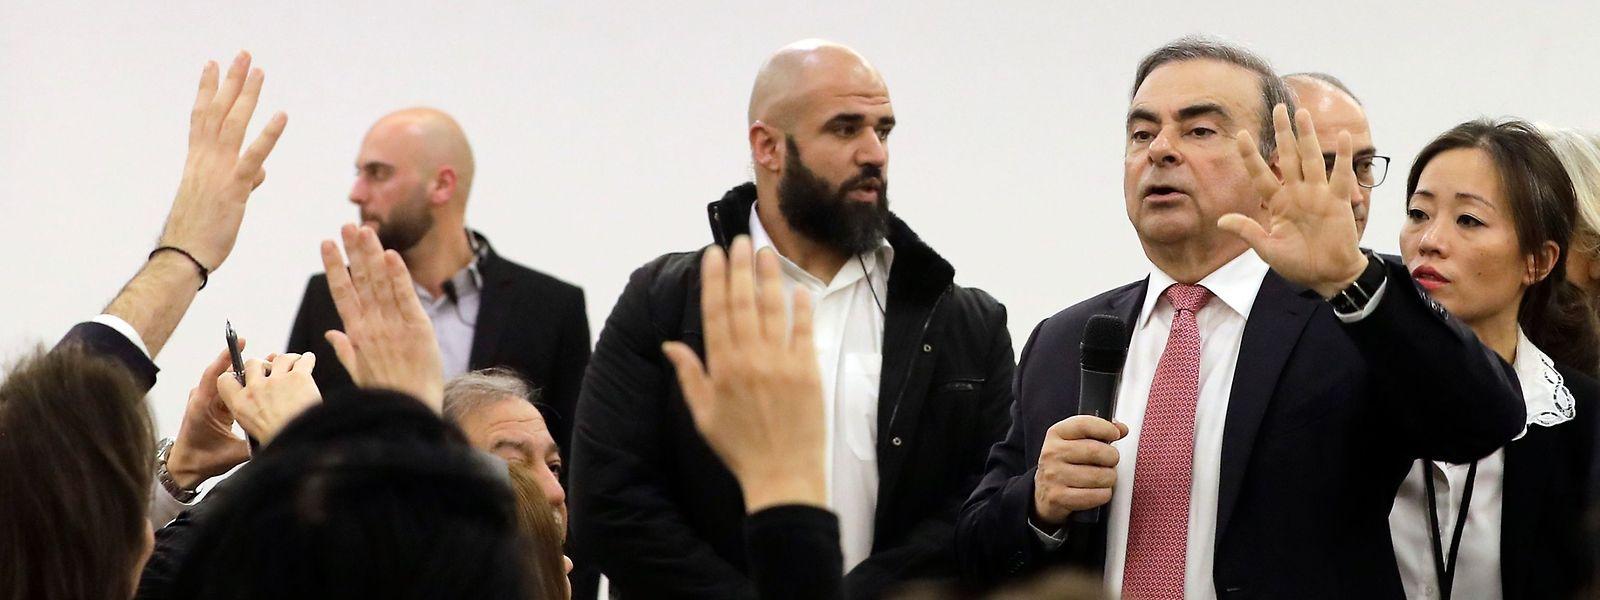 Der frühere Chef von Renault-Nissan Carlos Ghosn (rote Krawatte) beantwortet am Mittwoch Journalistenfragen in Beirut.